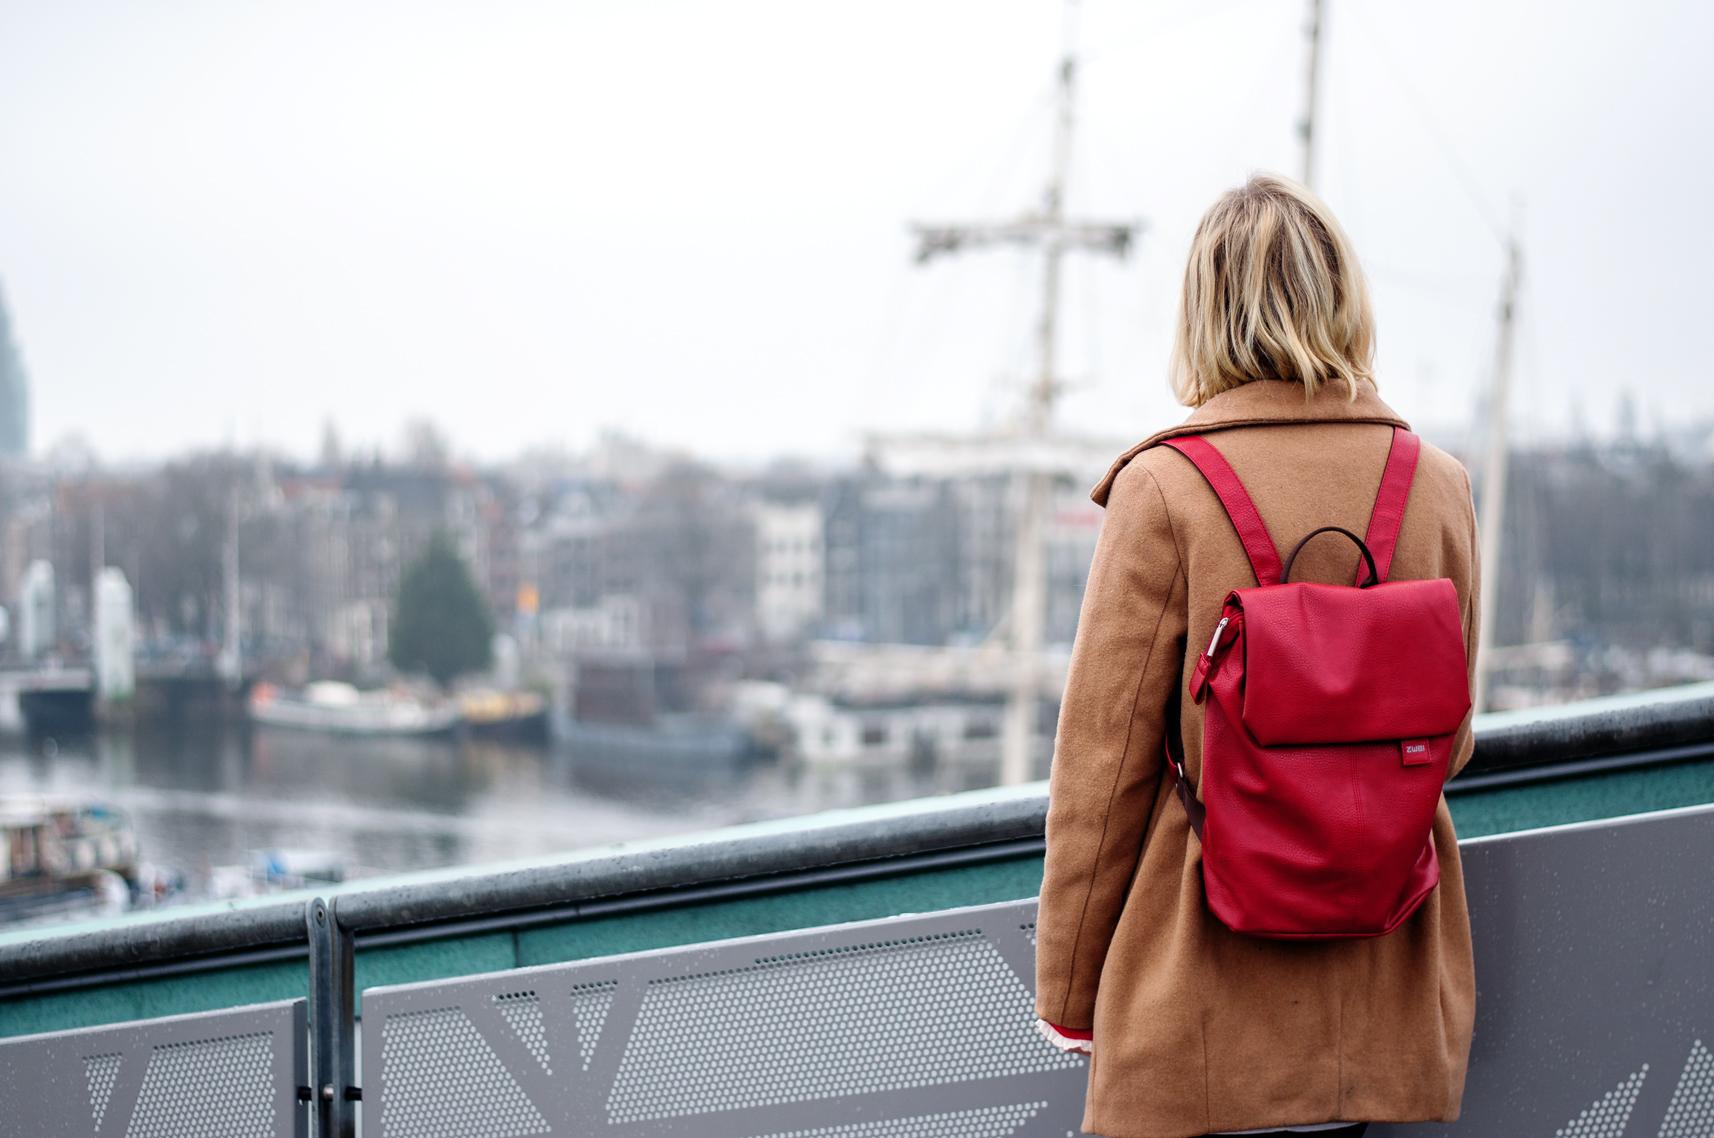 Wochenendtrip nach Amsterdam Ausblick Amsterdam